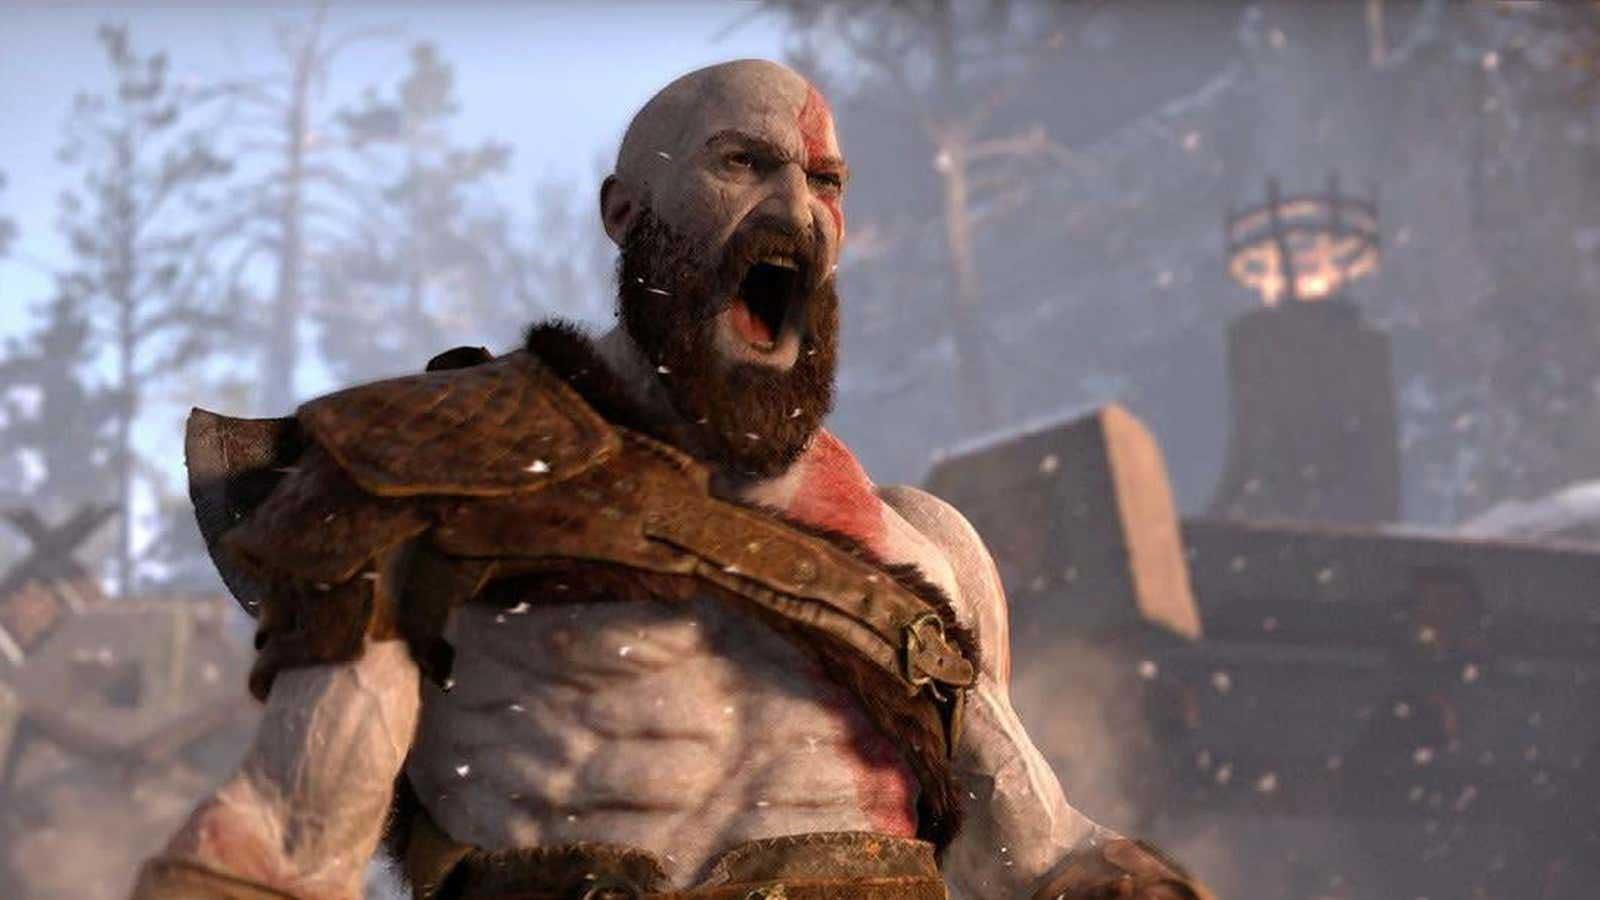 Découvrez la liste des jeux Nvidia qui incluent God of War sur PC.